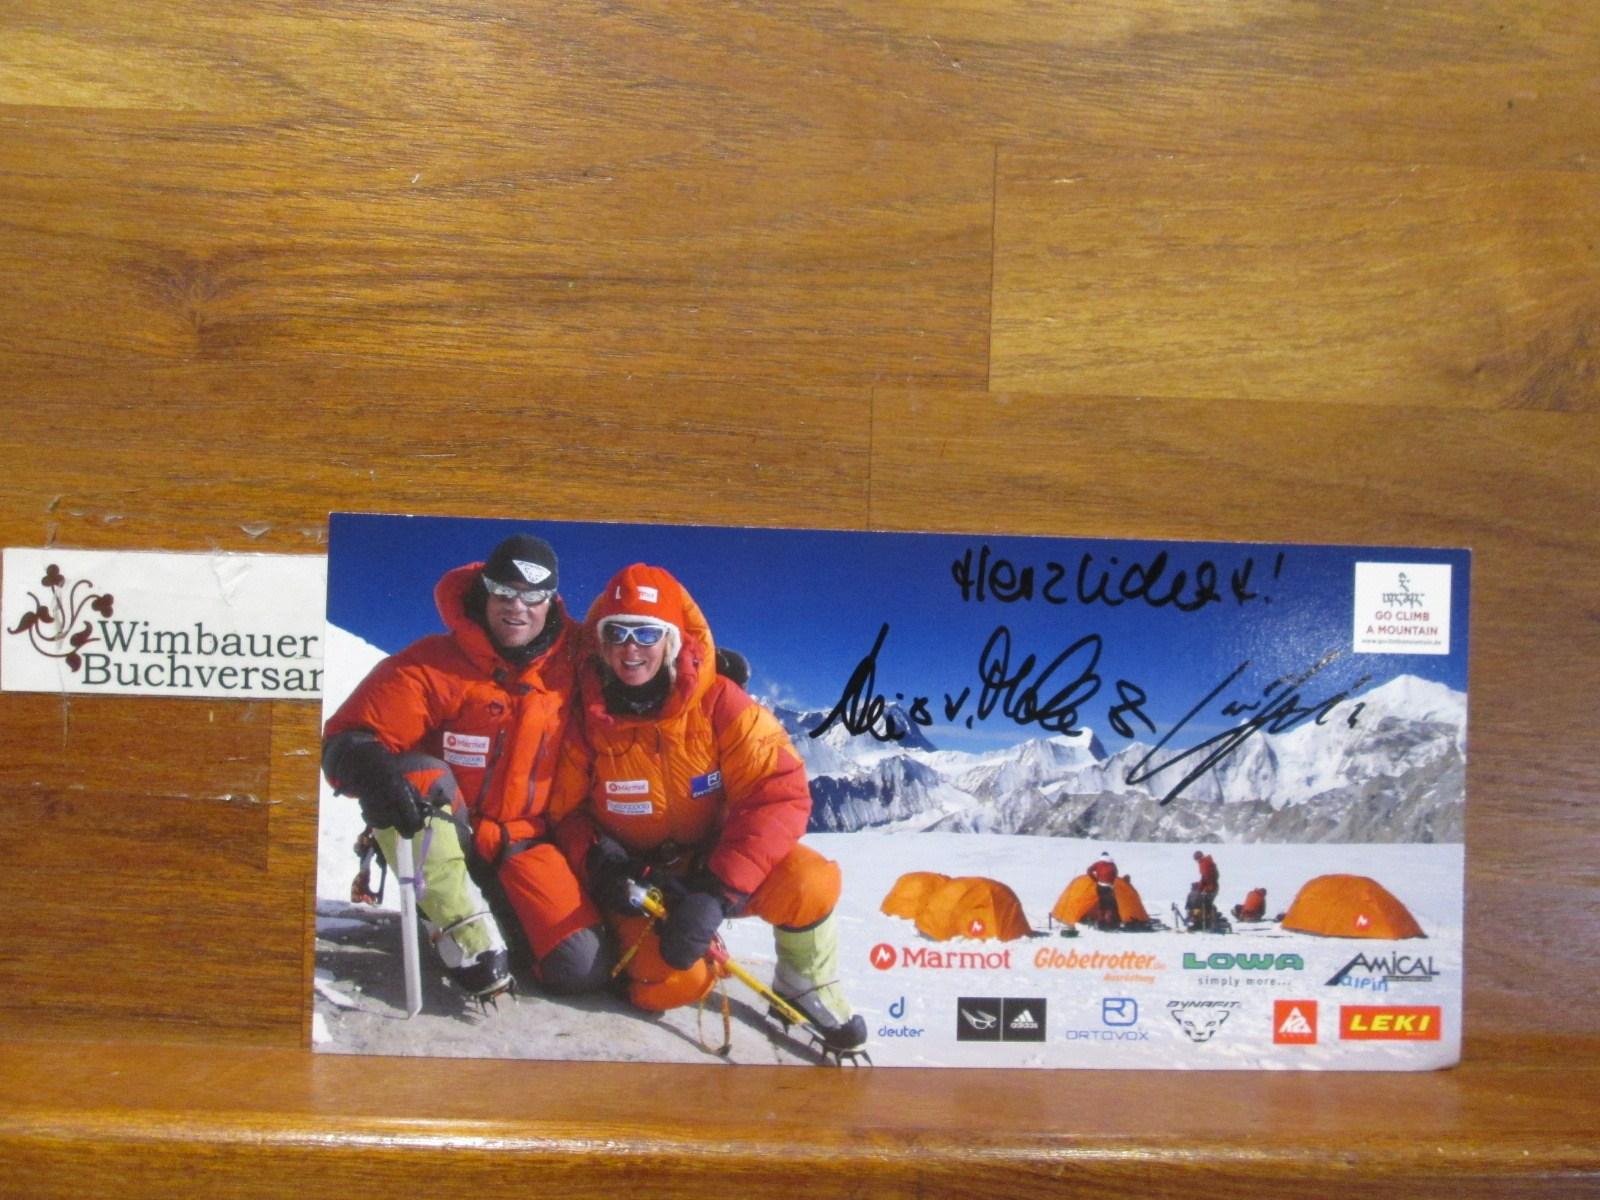 Original Autogramm Luis Stitzinger & Alix von Melle Extrembergsteiger /// Autogramm Autograph signiert signed signee